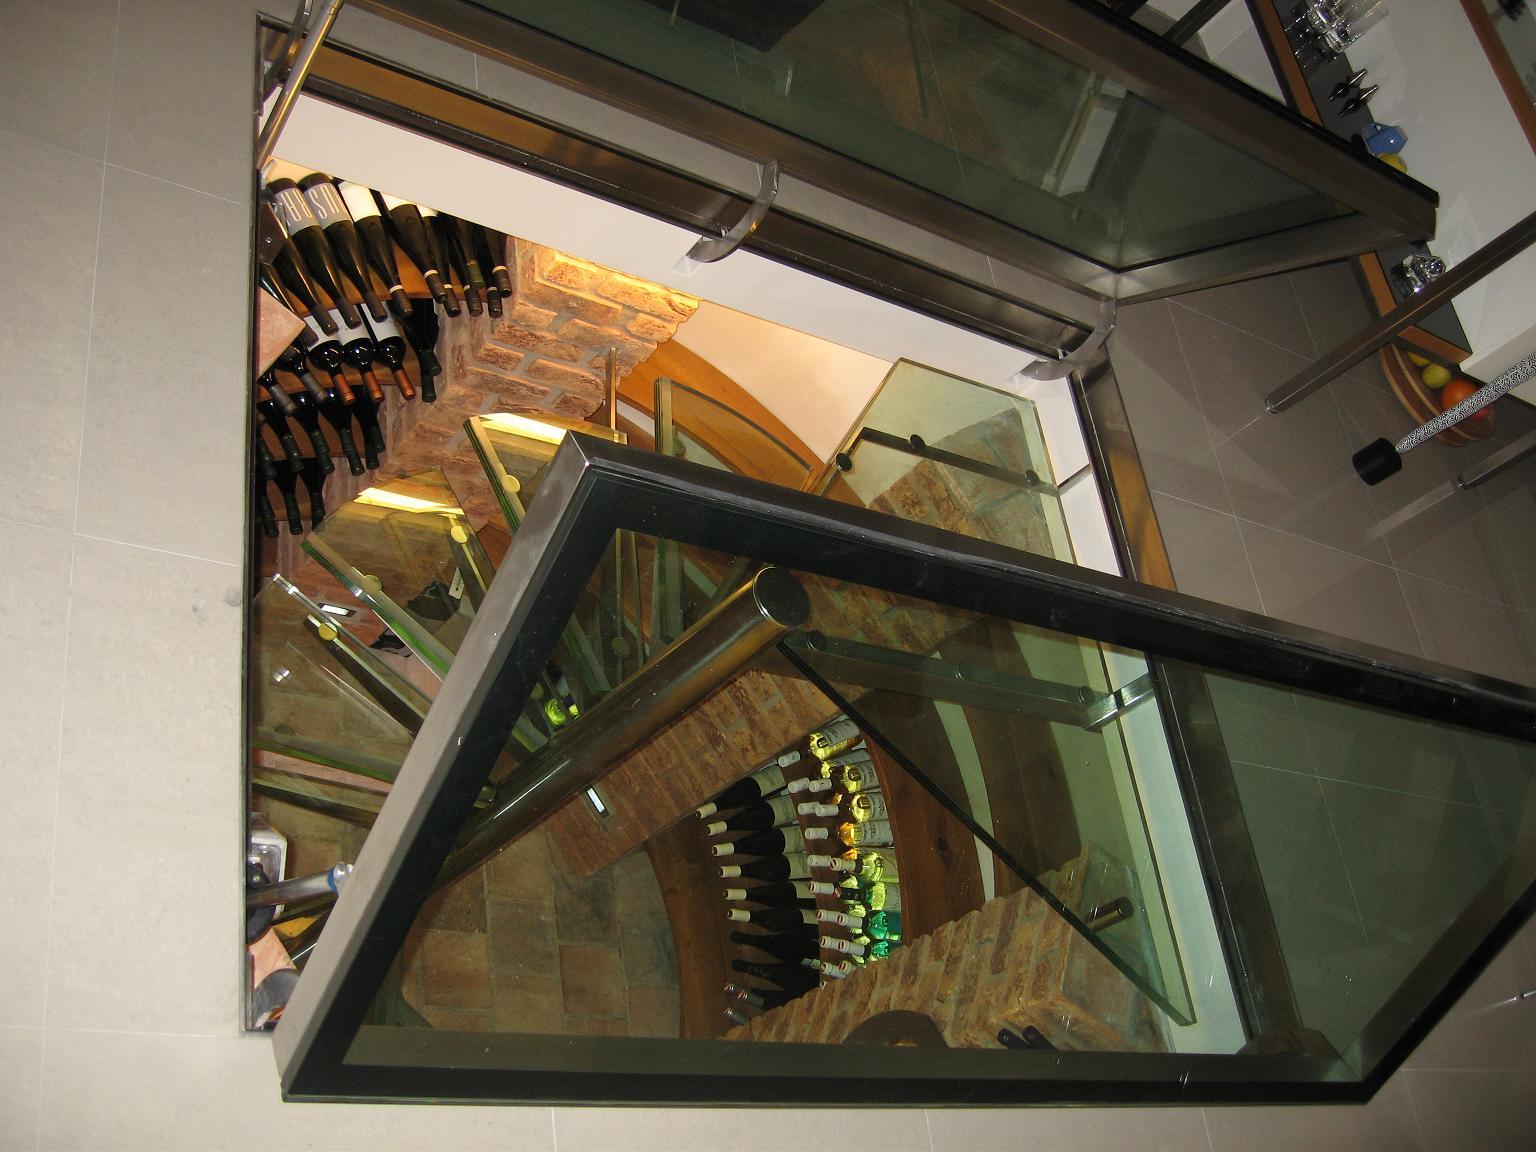 Interiérová skleněná vinotéka, netradiční domácí vinotéka ze skla -  pochozí sklo typu CONNEX